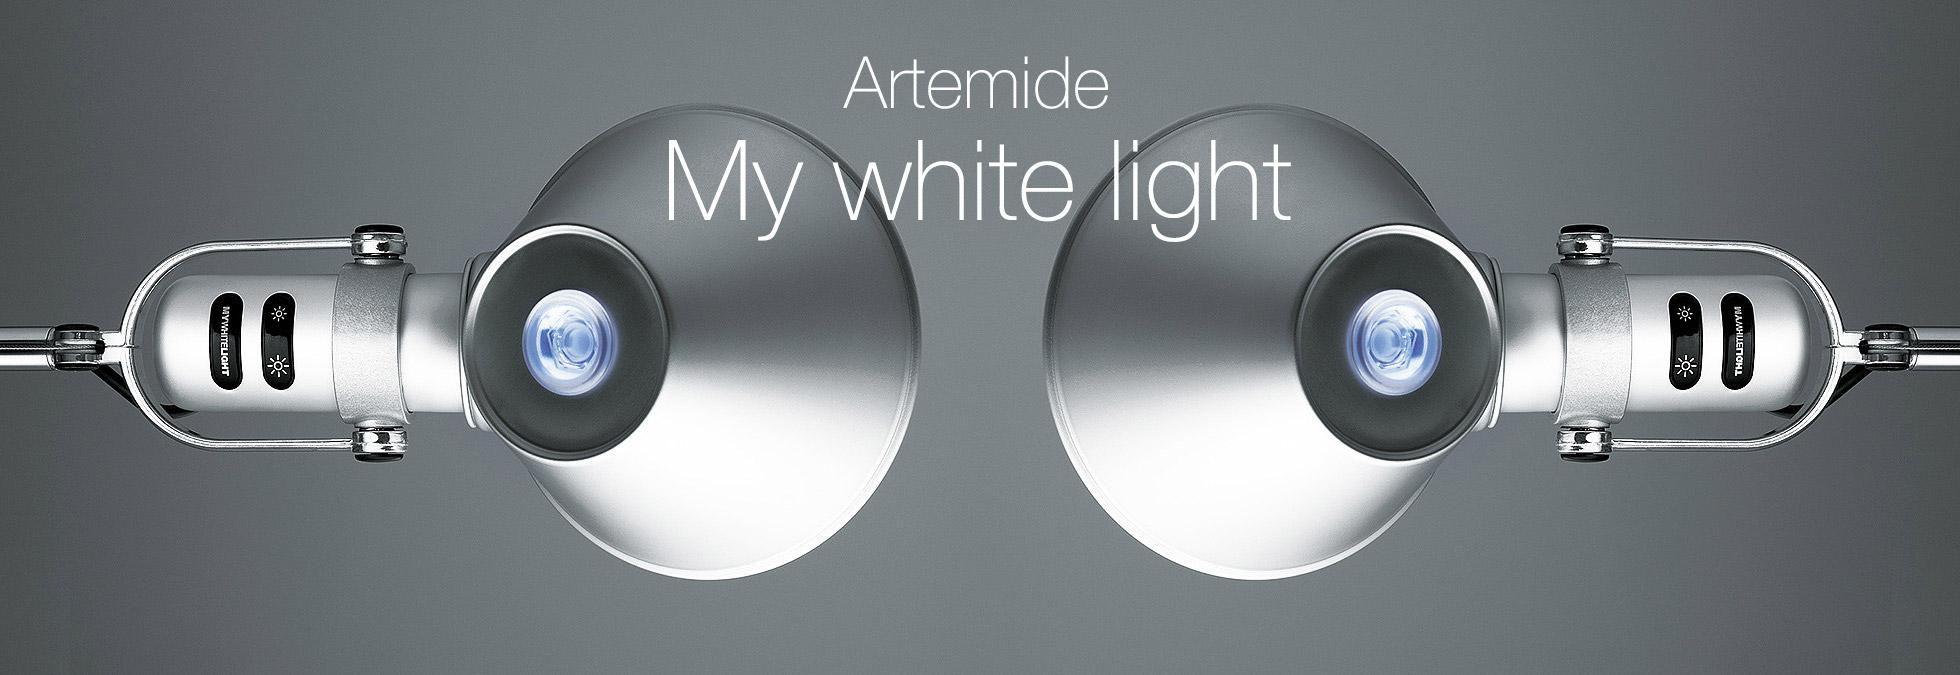 Artemide MWL